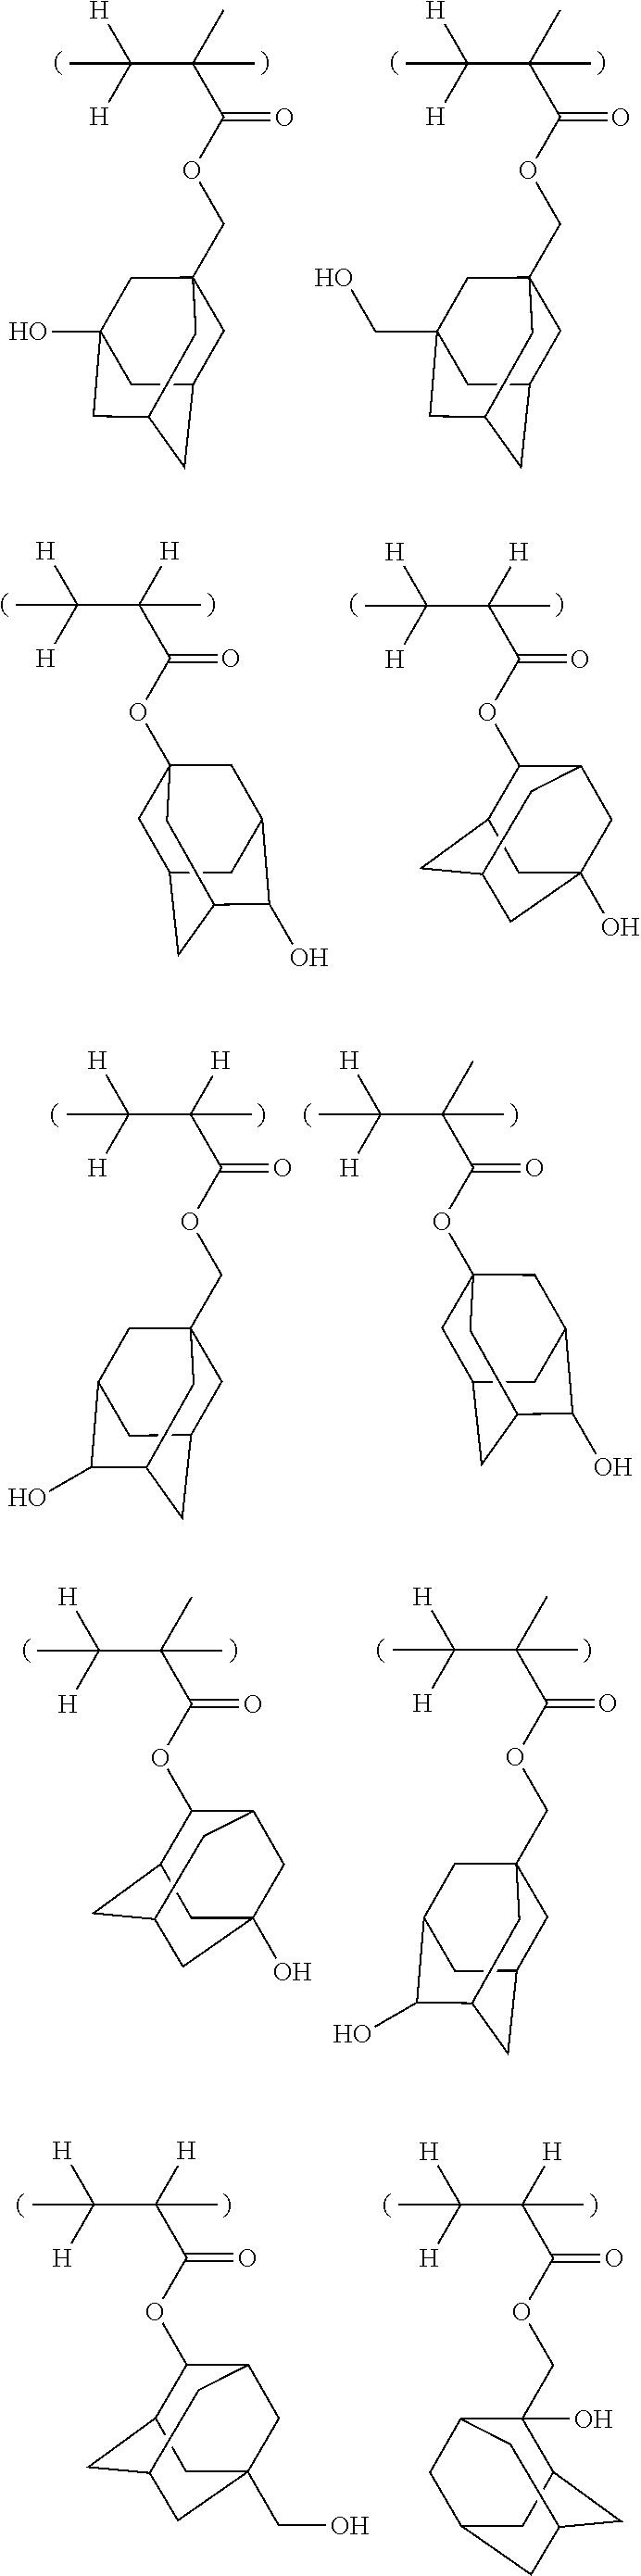 Figure US08900793-20141202-C00056